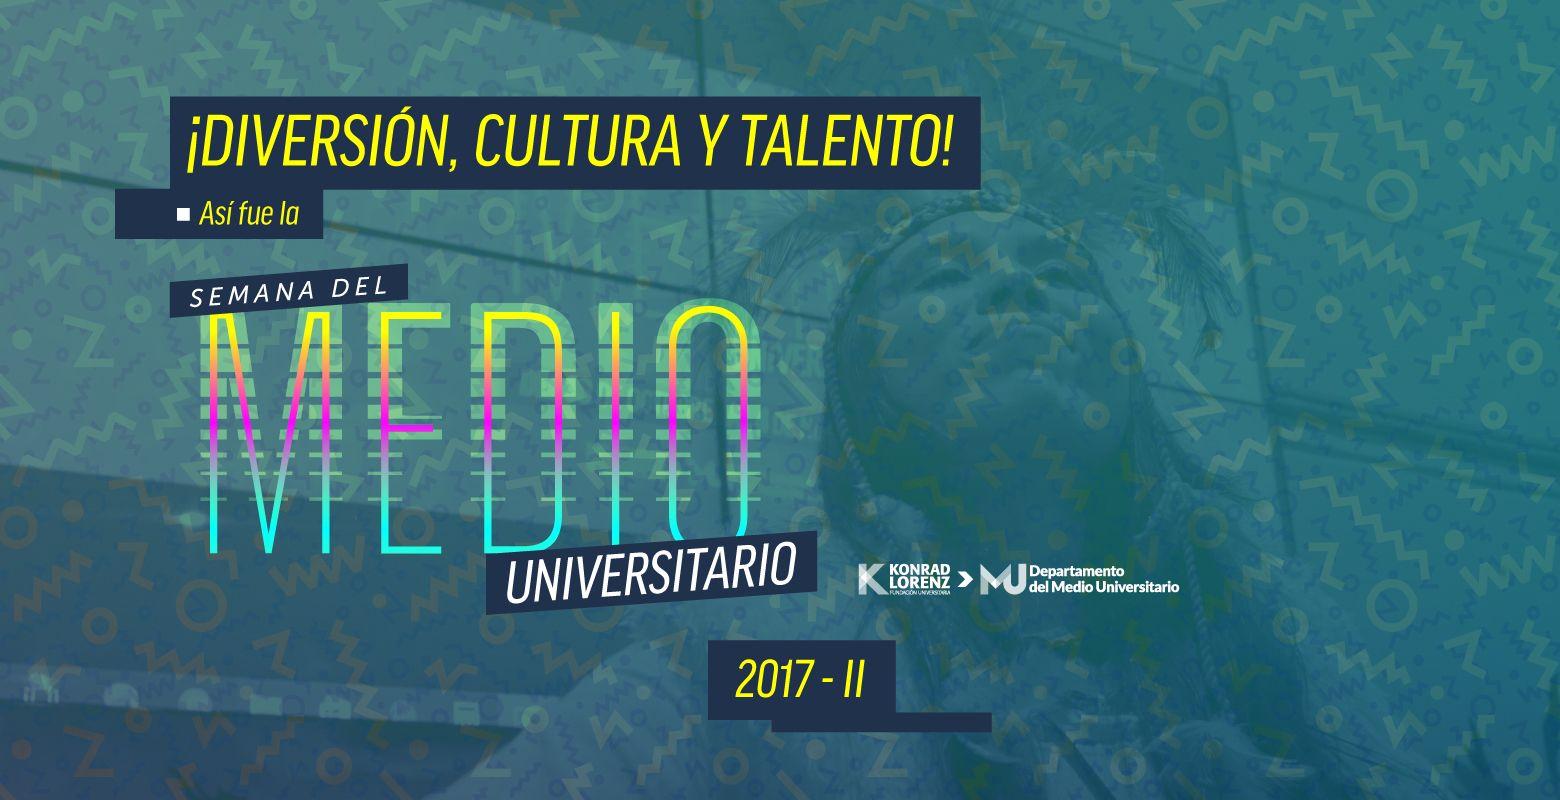 Semana del Medio Universitario 2017 - II: diversión, cultura y talento konradista